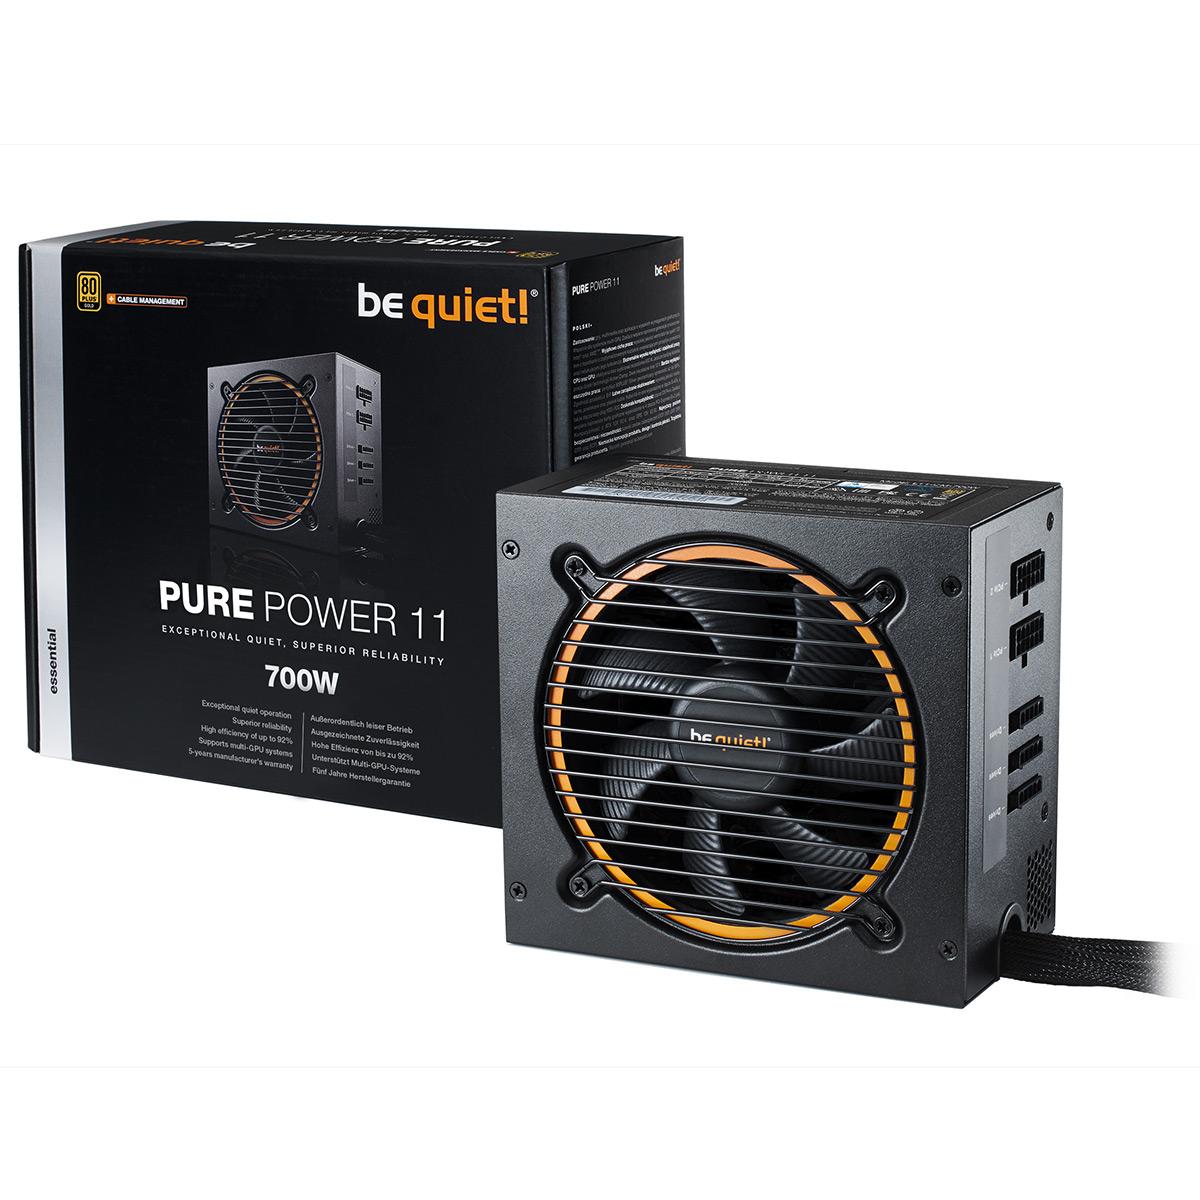 Alimentation PC be quiet! Pure Power 11 700W CM 80PLUS Gold Alimentation modulaire 700W ATX 12V 2.4 (Garantie 5 ans constructeur) - 80PLUS Gold